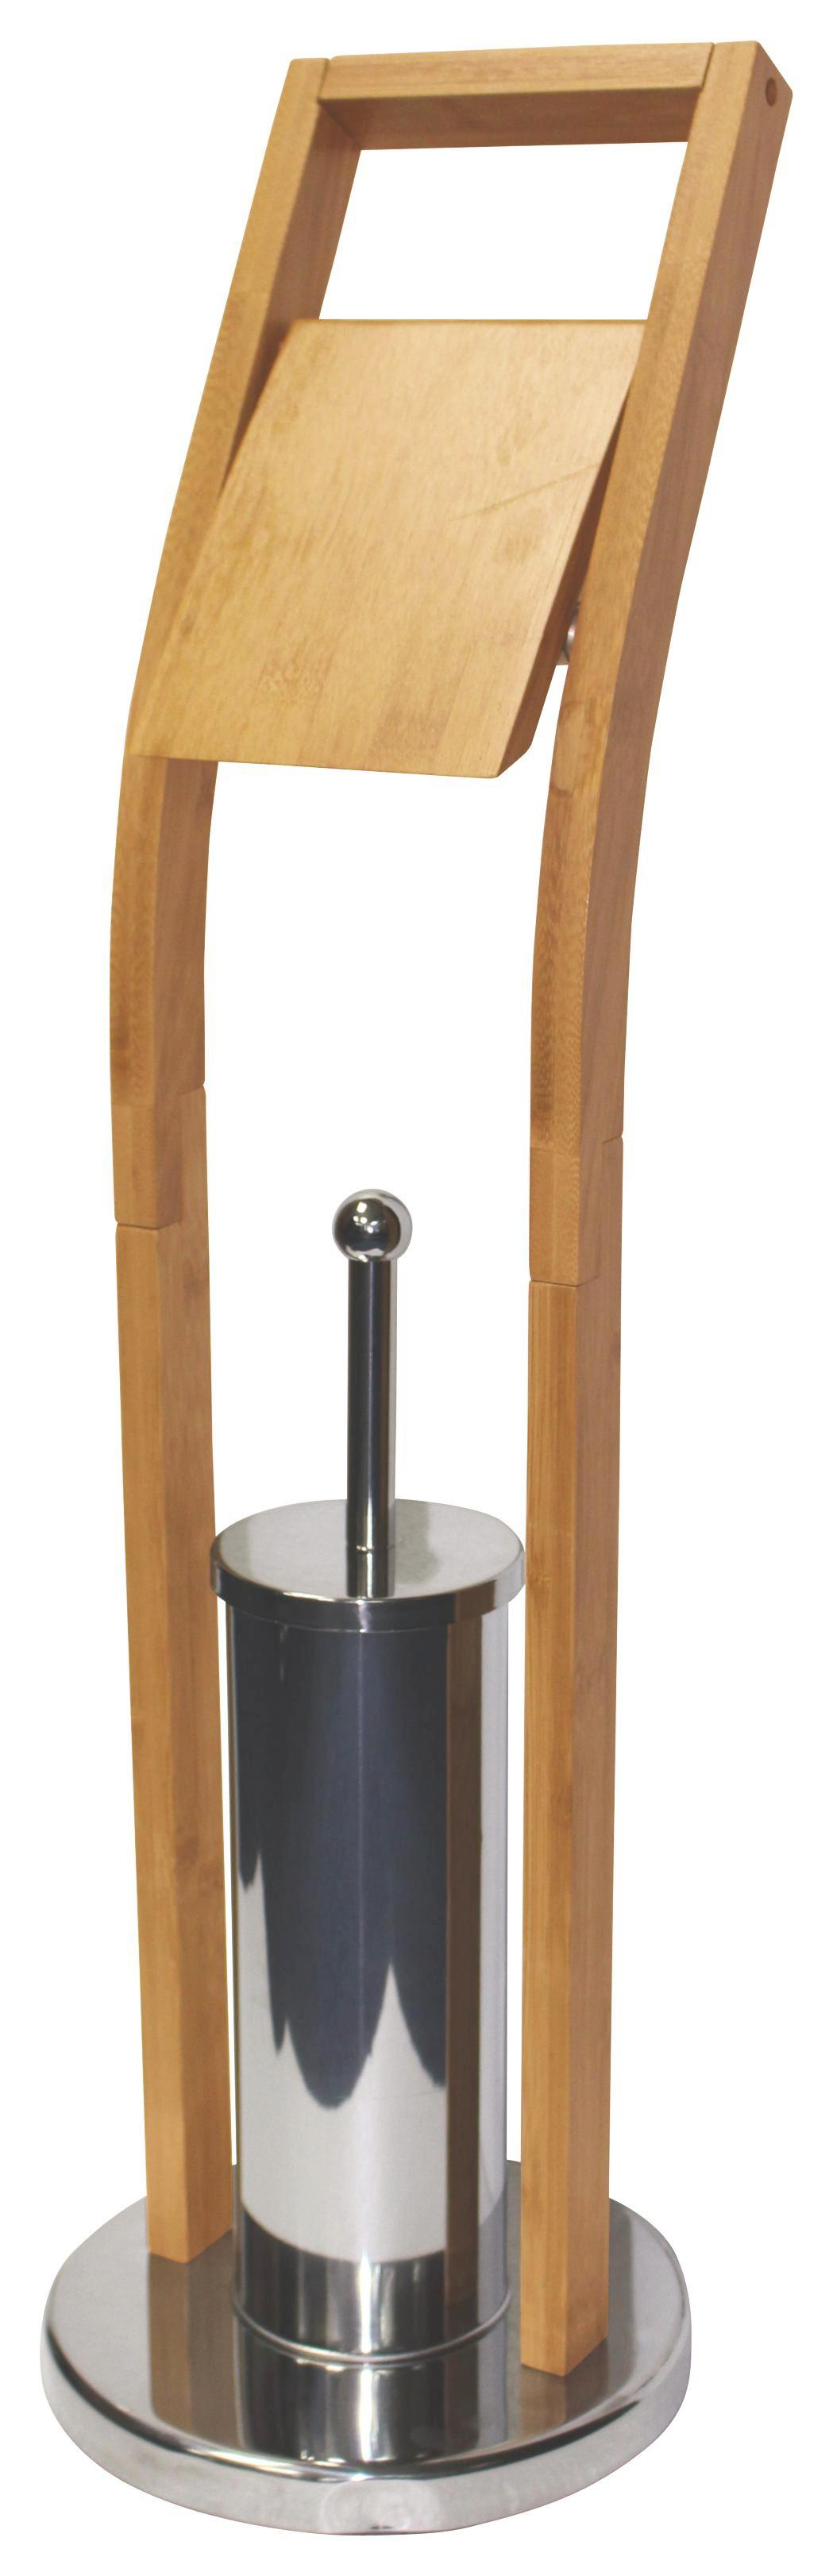 Držák Na Wc Štětku Nancy - barvy chromu/přírodní barvy, Moderní, kov/dřevo (22/75/22cm)